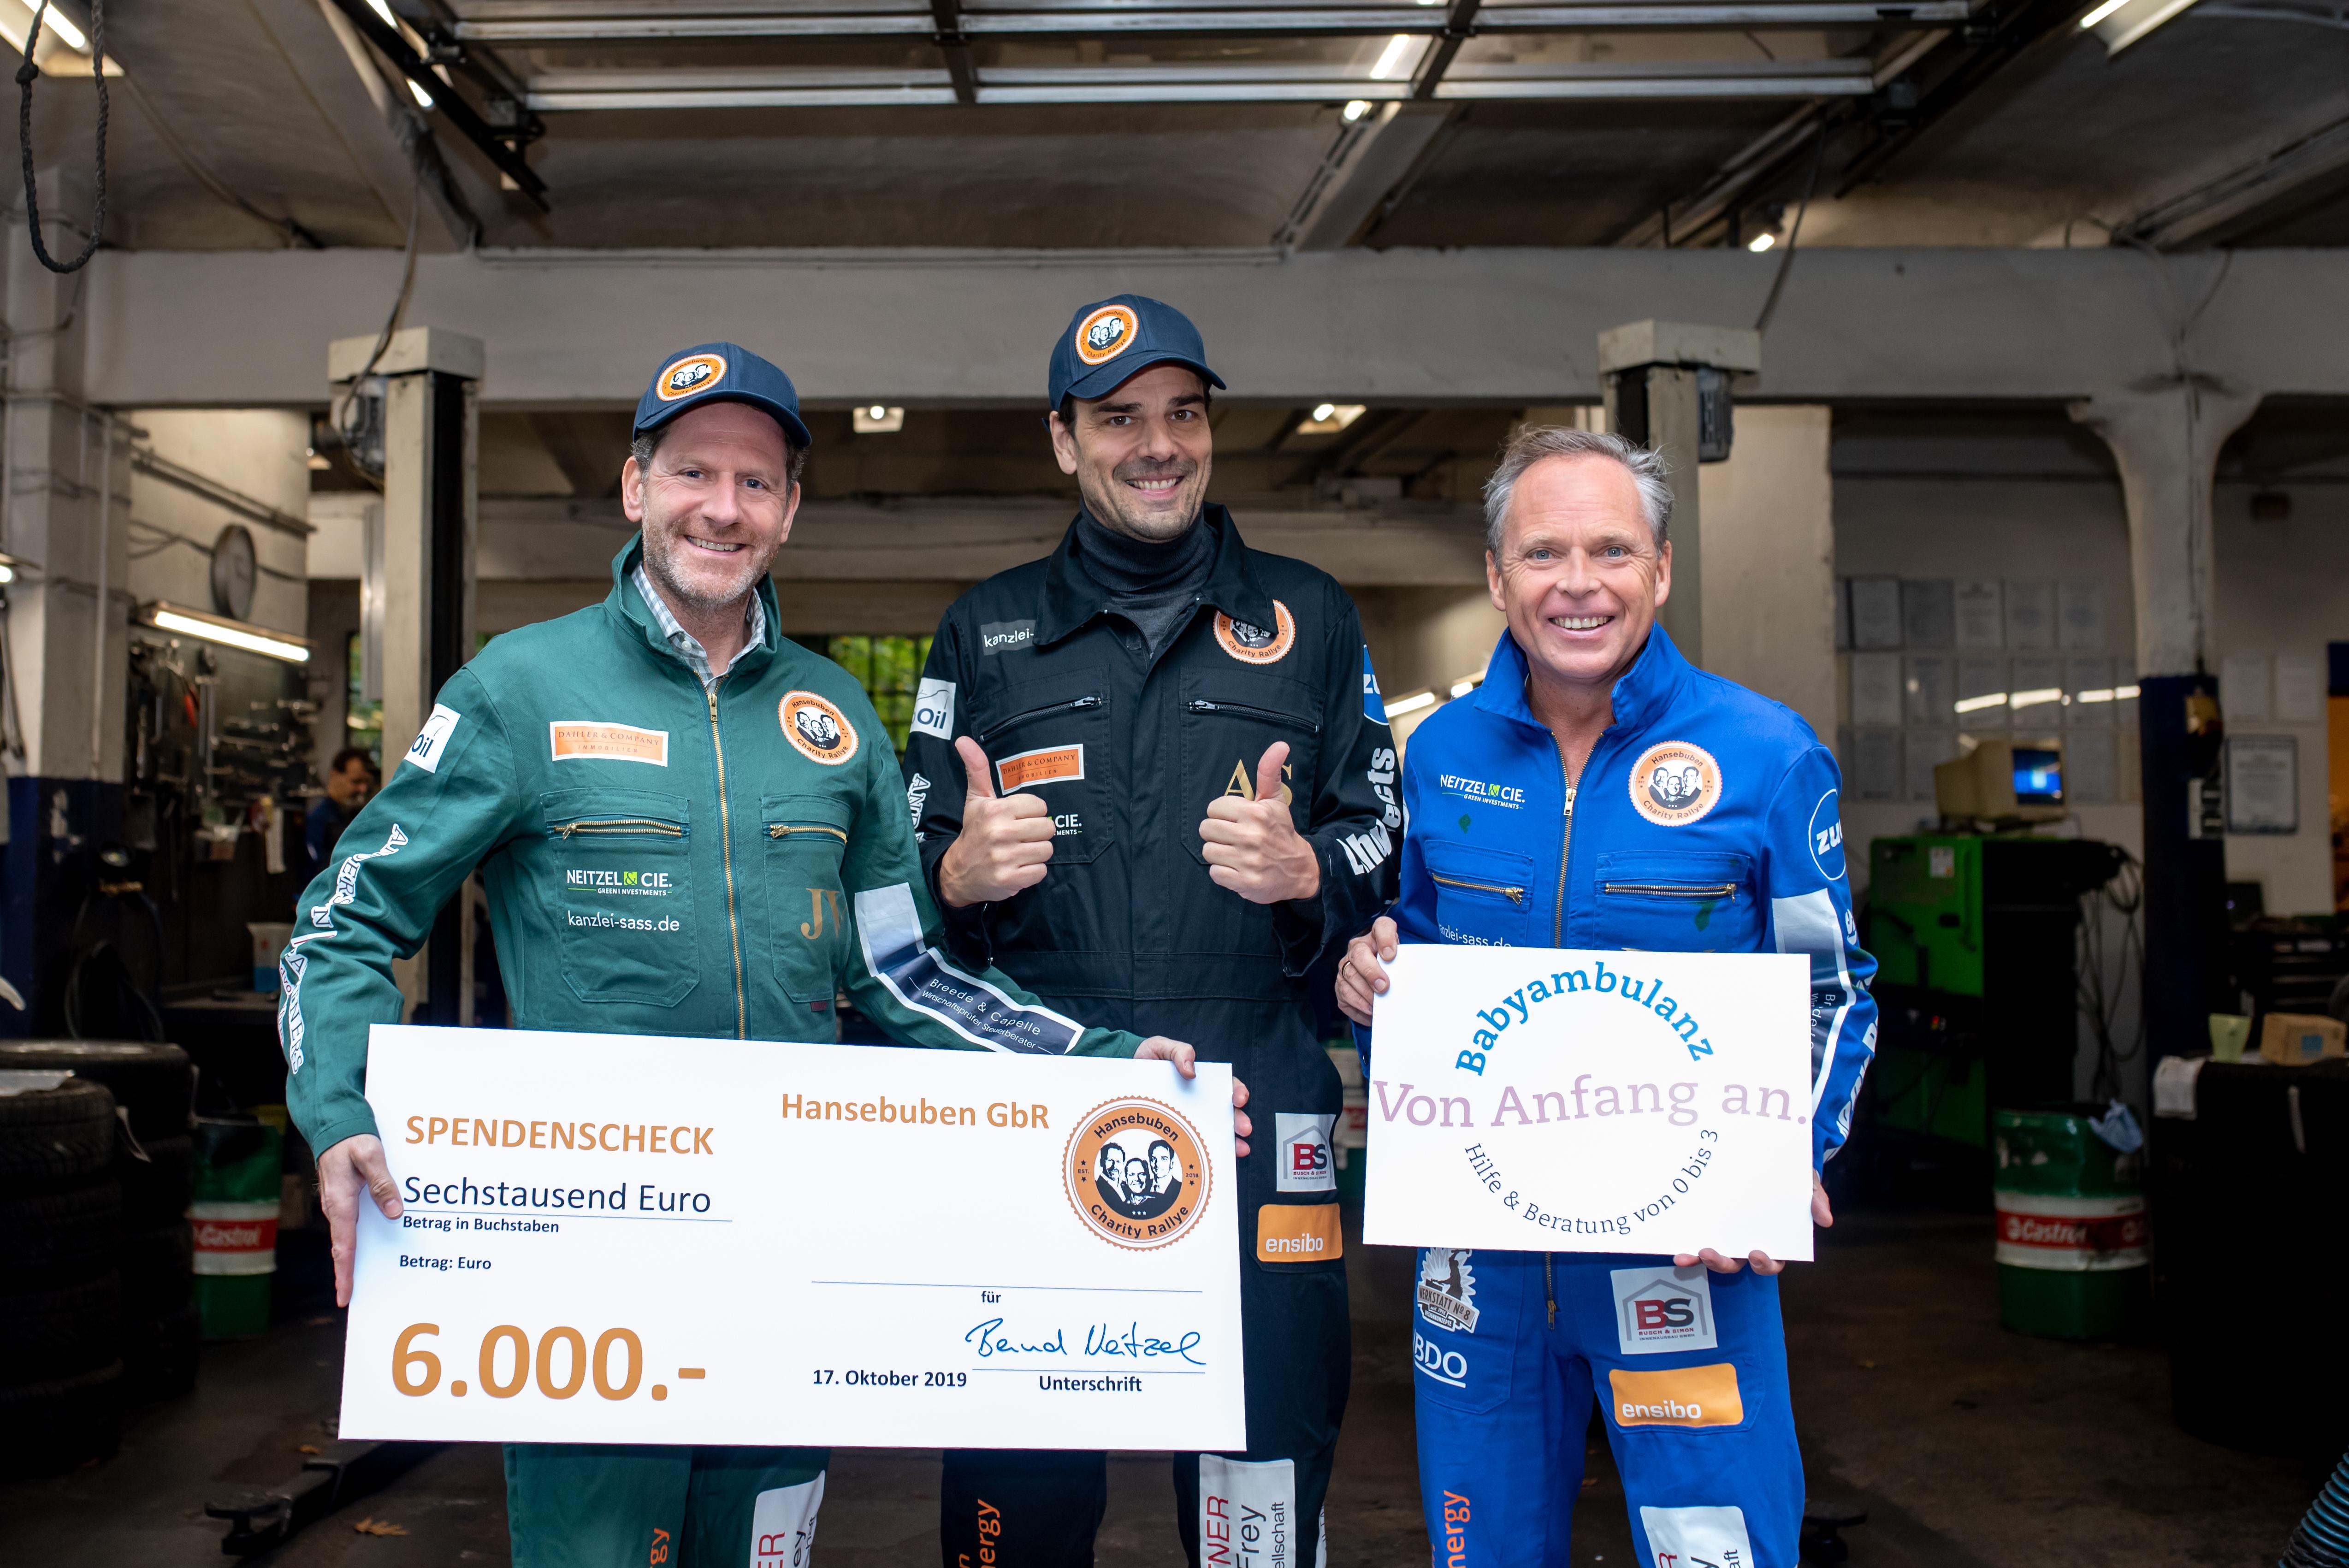 Mit Spendenscheck in Höhe von 6.000 Euro lässt sich's strahlen